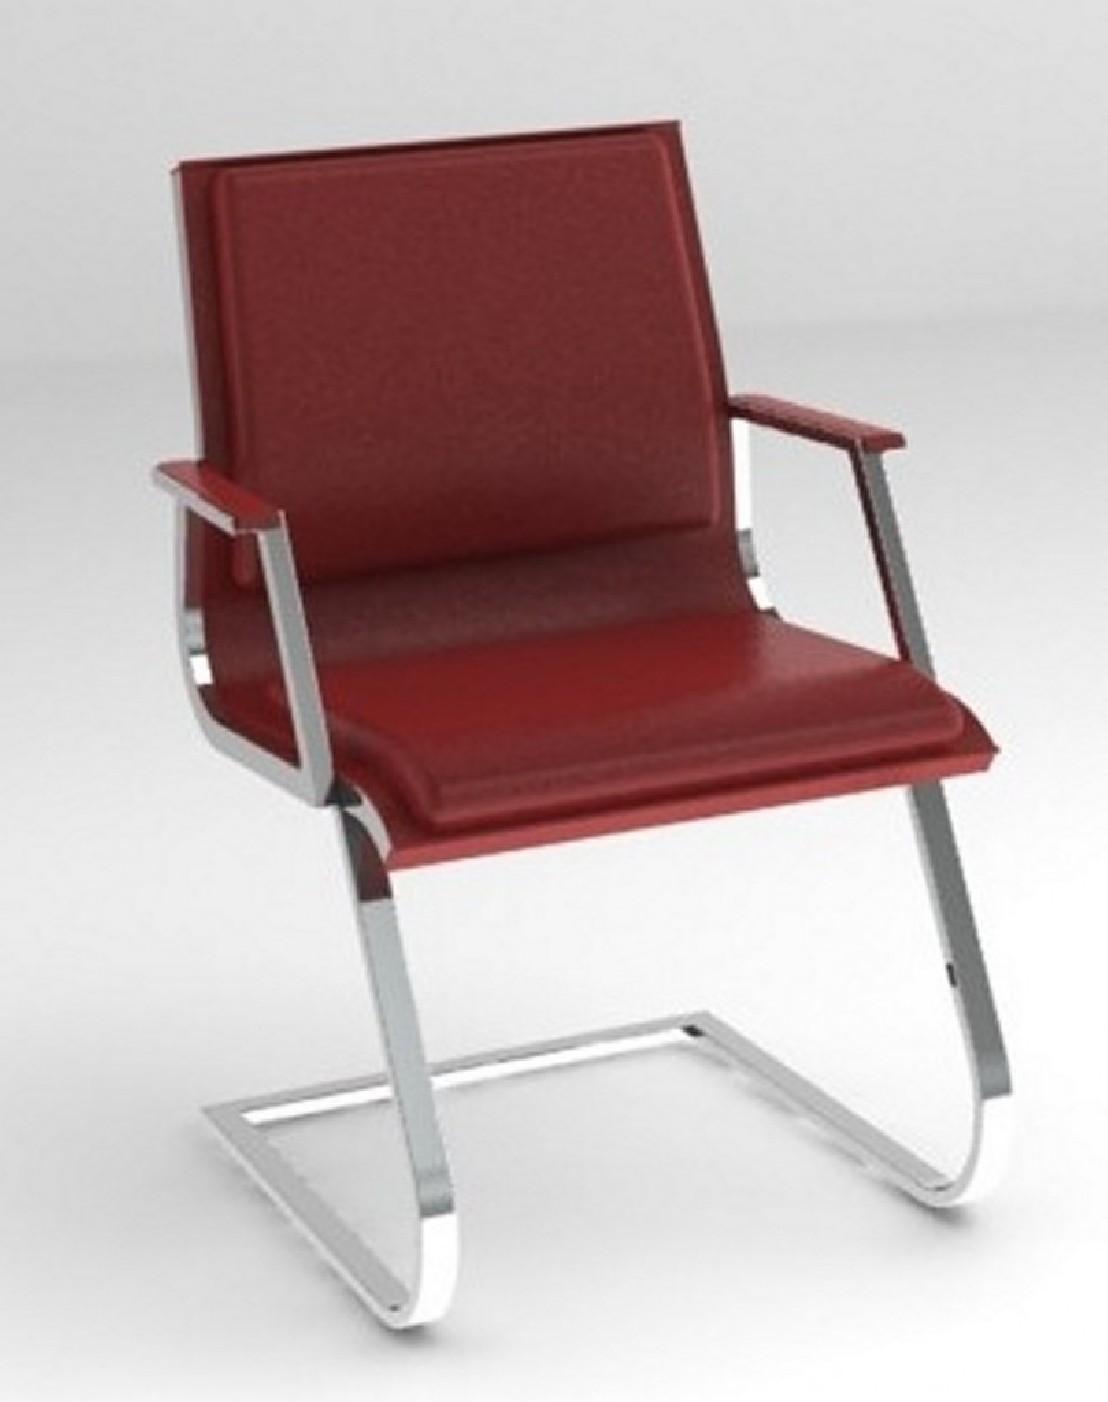 Fauteuil visiteurs nulite rembour accoudoirs pied luge - Pied fauteuil de bureau ...